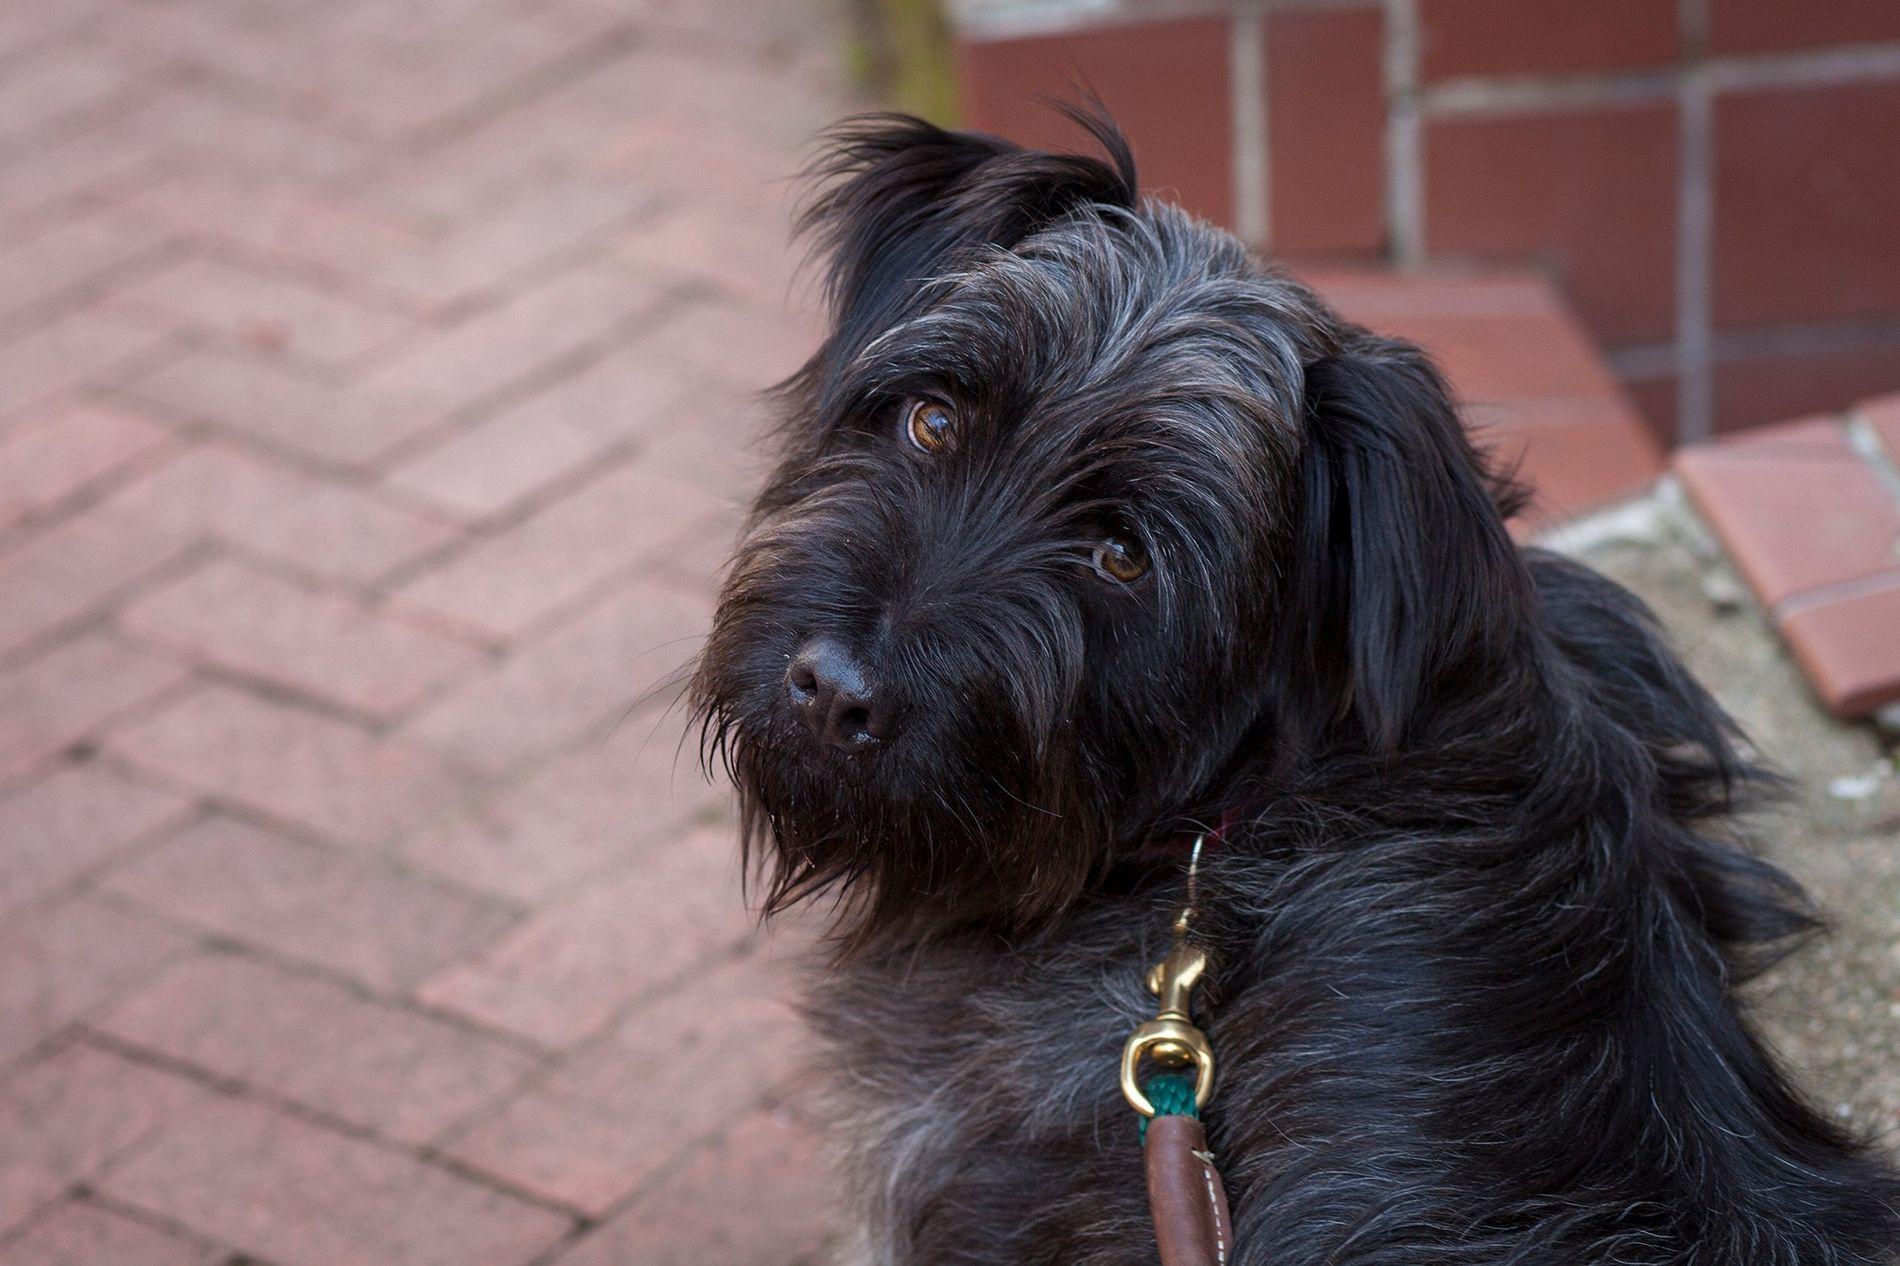 In den USA werden schätzungsweise 70 Millionen Hunde als Haustiere gehalten. Hier zu sehen ist ein Mischling aus einem Tierheim.